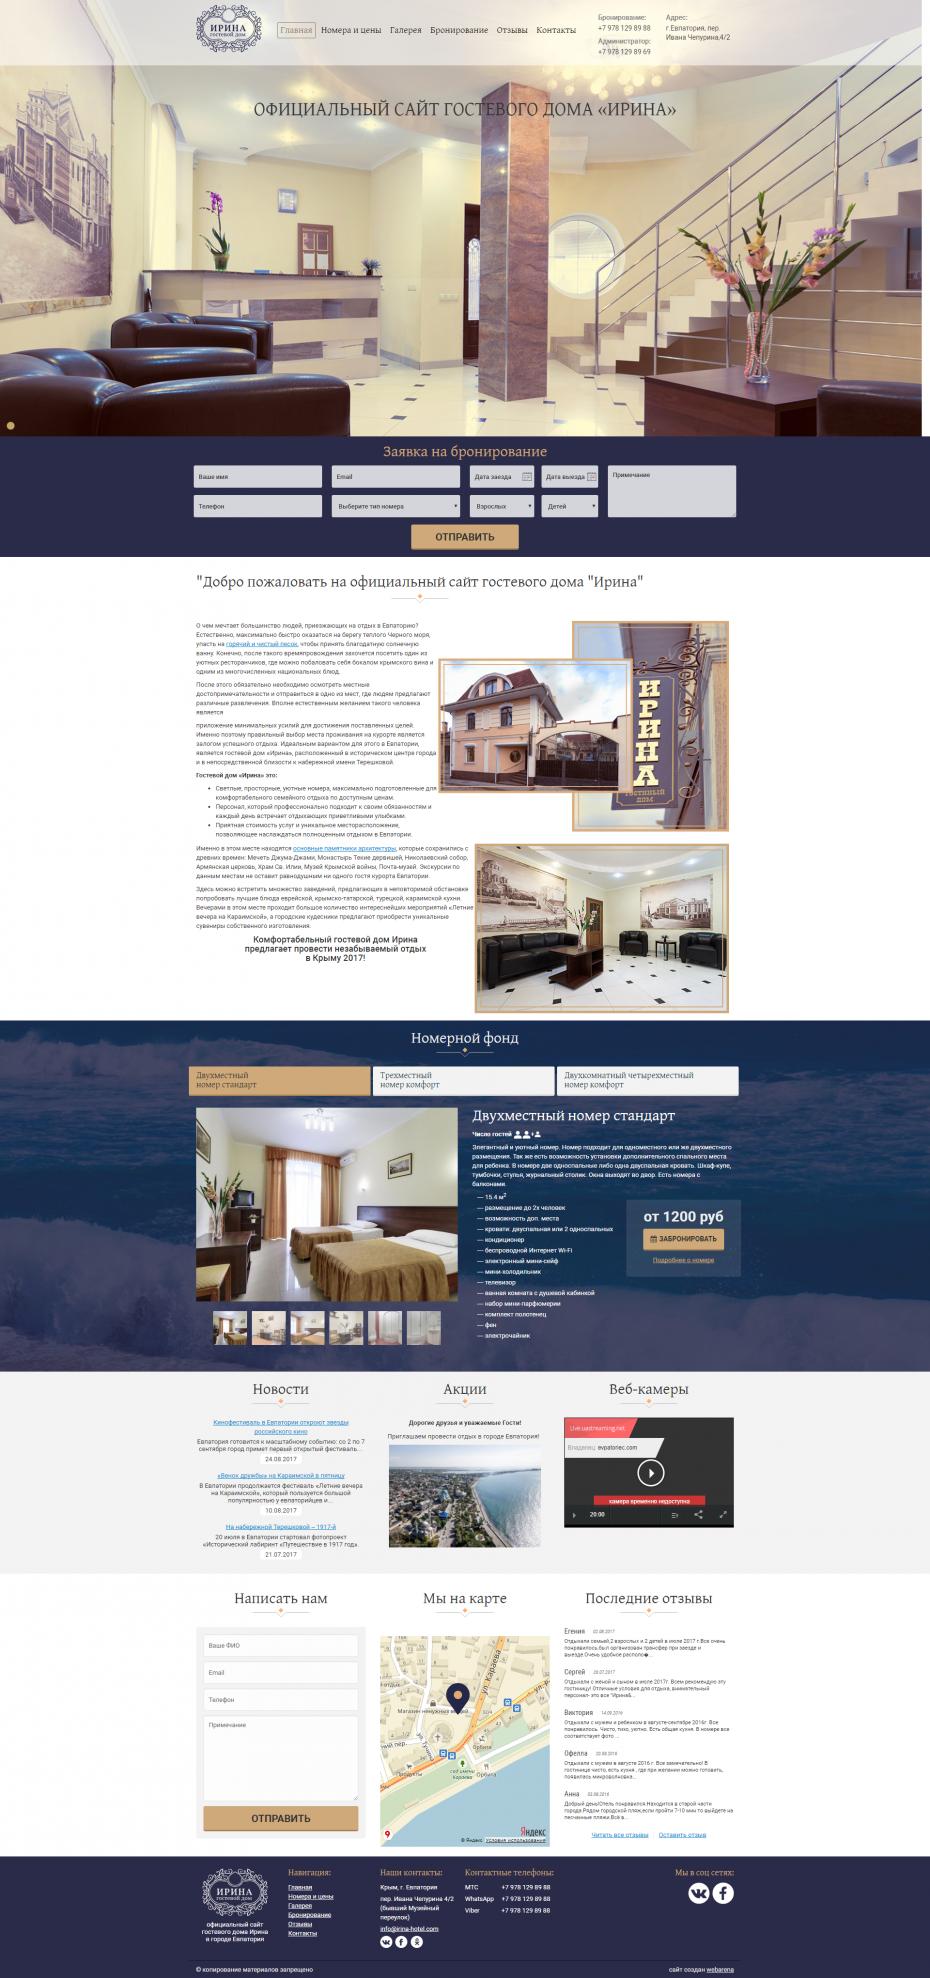 Сайт гостевого дома Ирина г. Евпатория